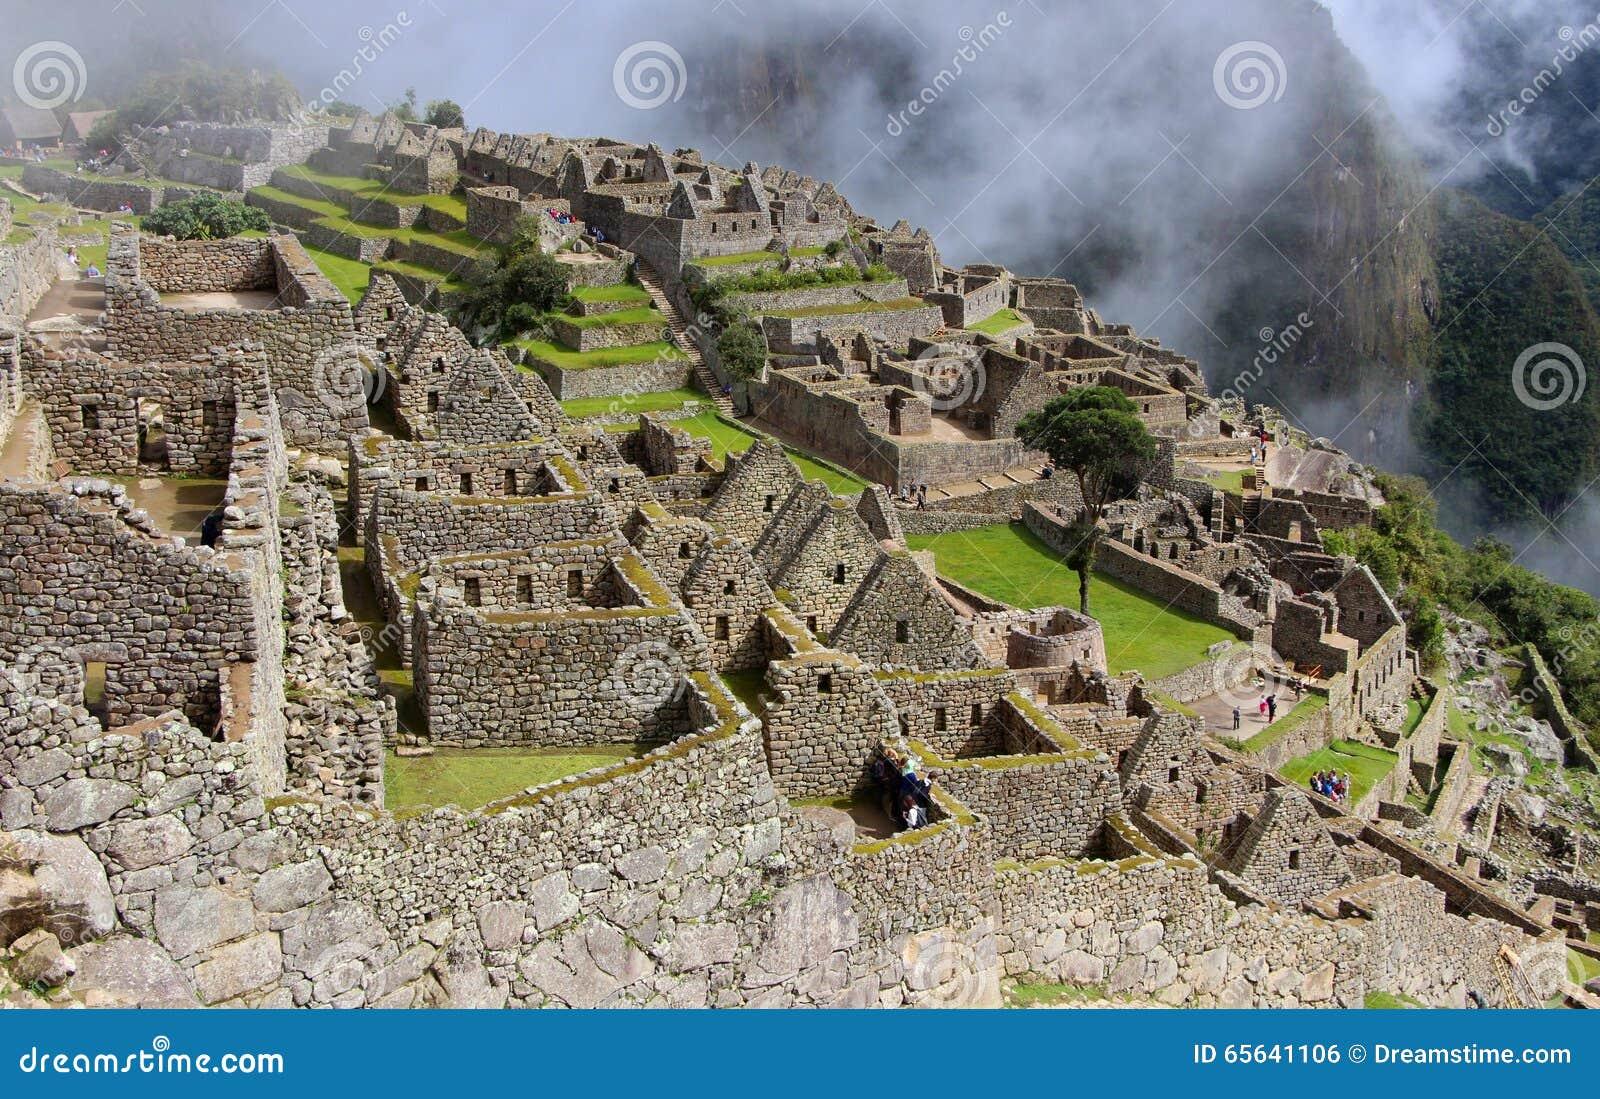 Une ville antique de Machu Picchu